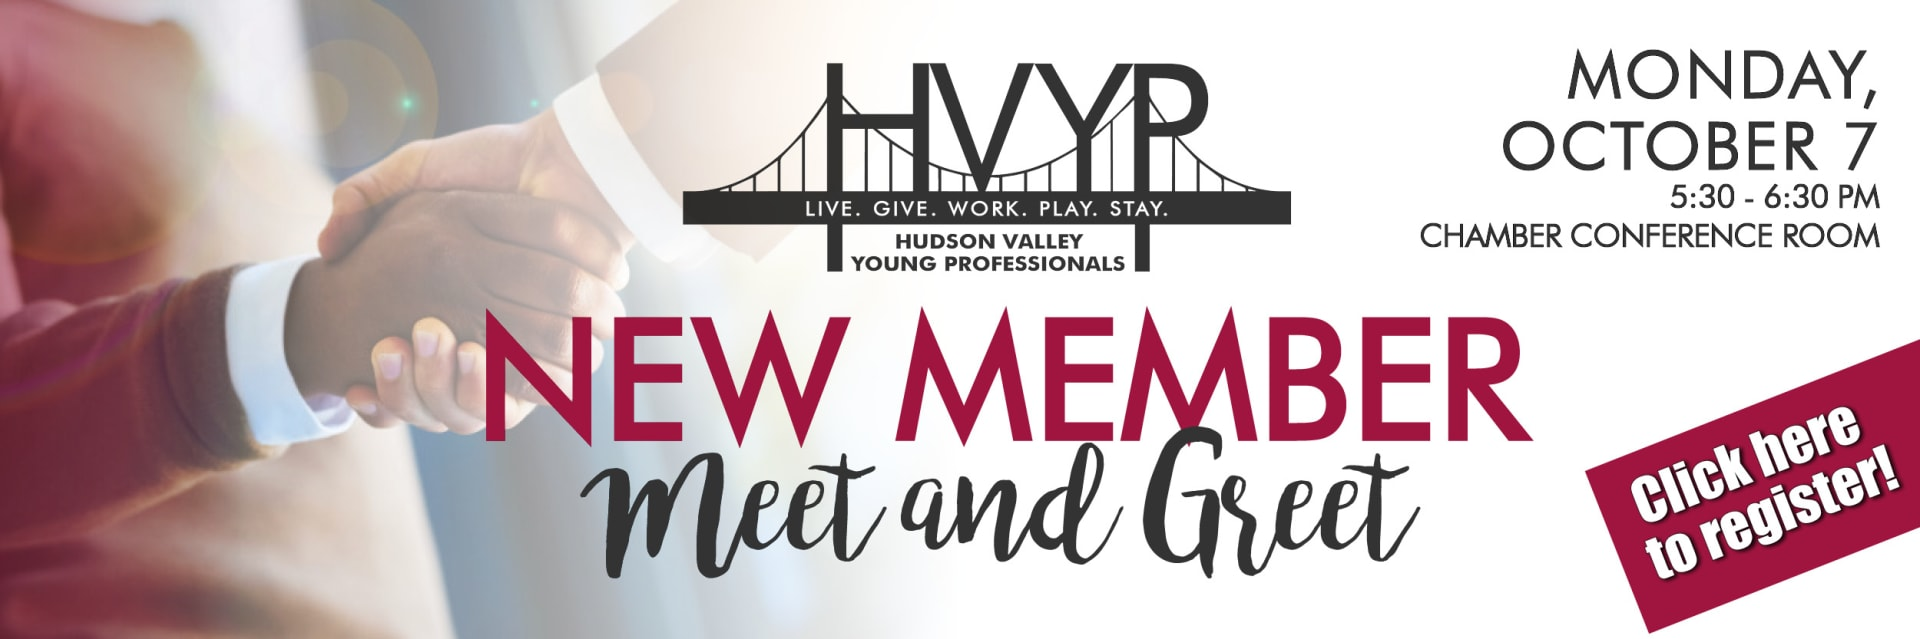 HVYP_MeetGreet(4)-w1920.jpg